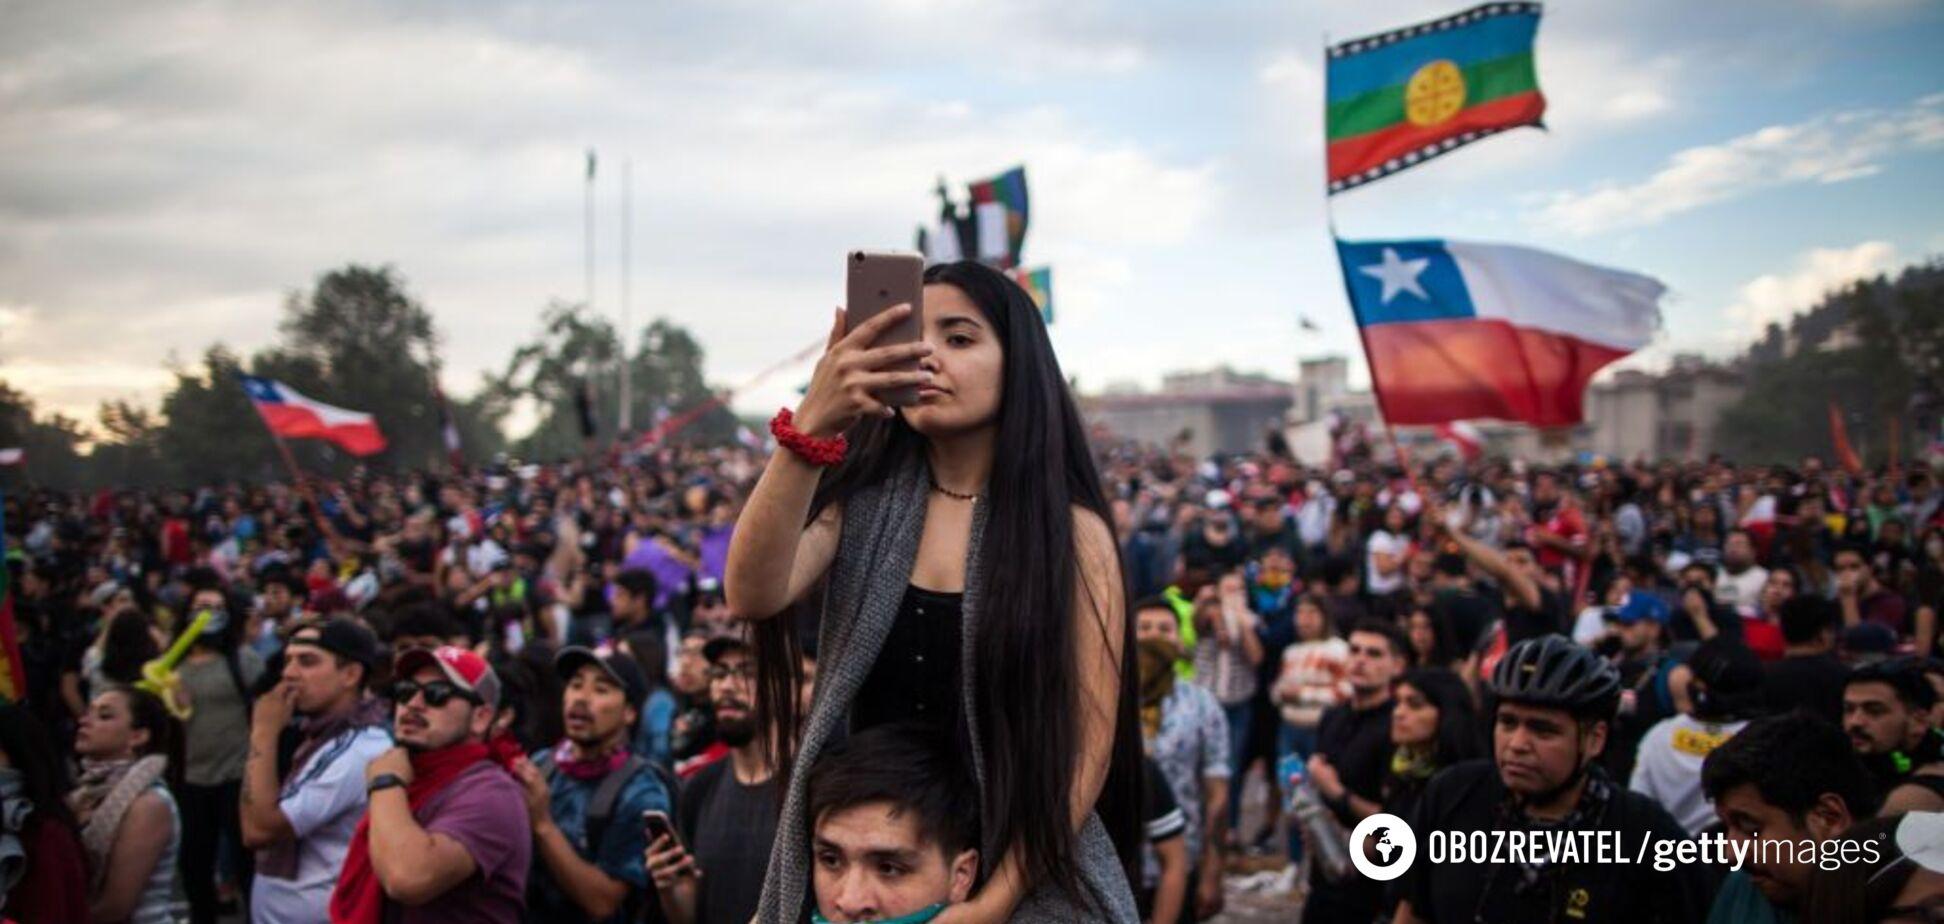 У Чилі більше мільйона чоловік влаштували масштабні протести: є загиблі. Фото і відео